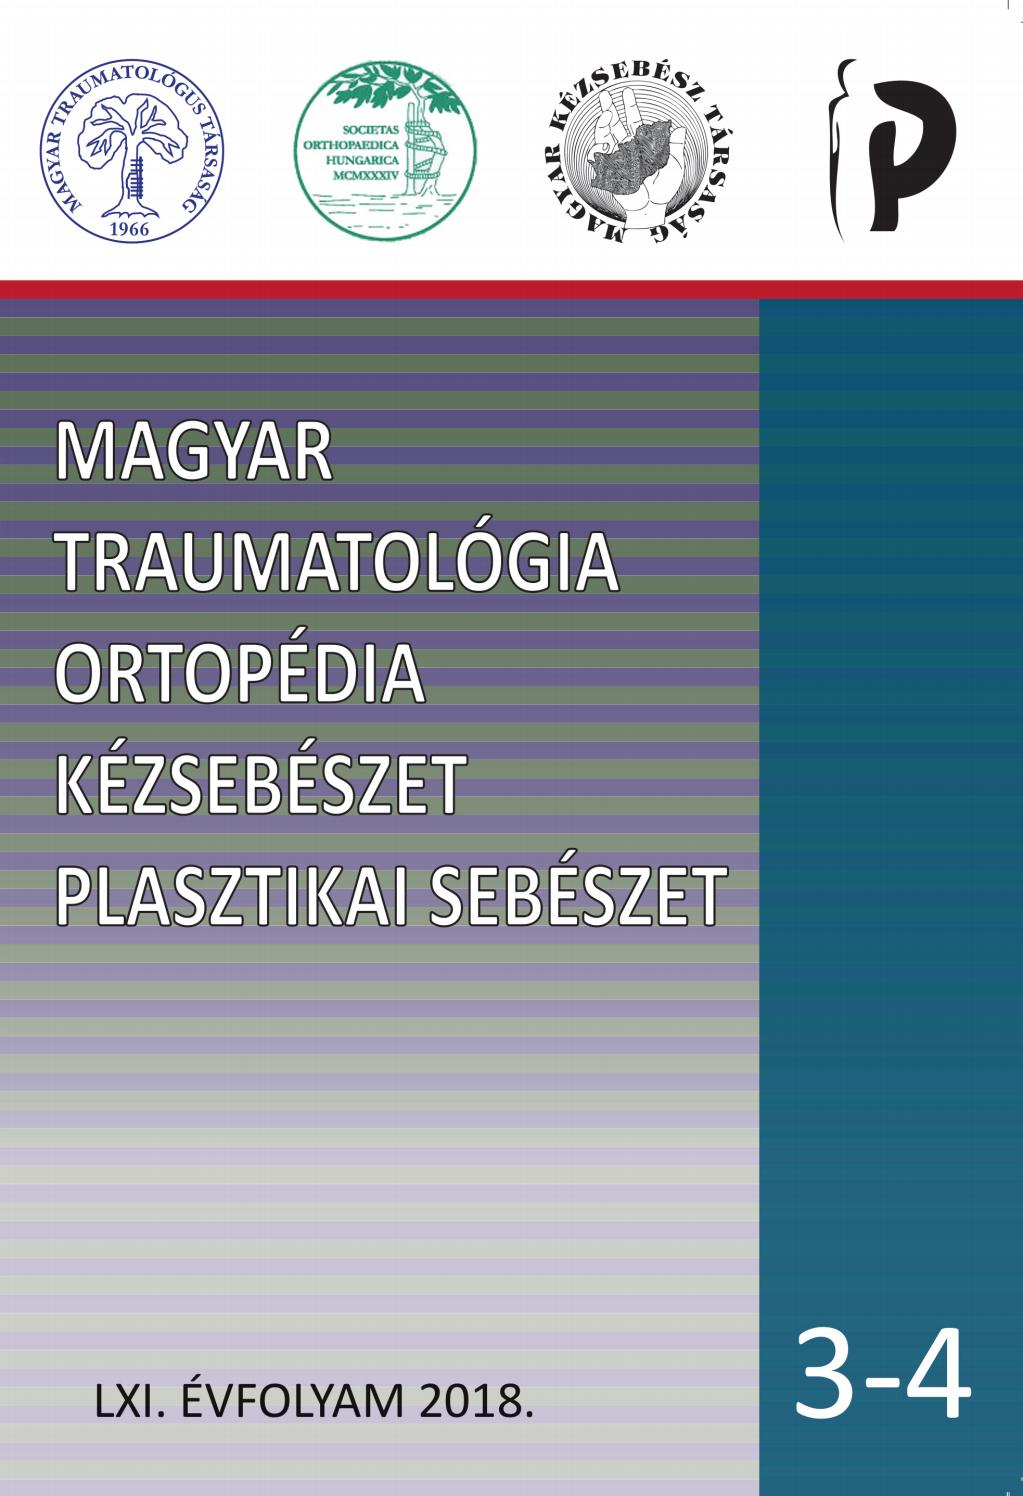 Madder festési kivonat - hivatalos * használati utasítás - Tumor -